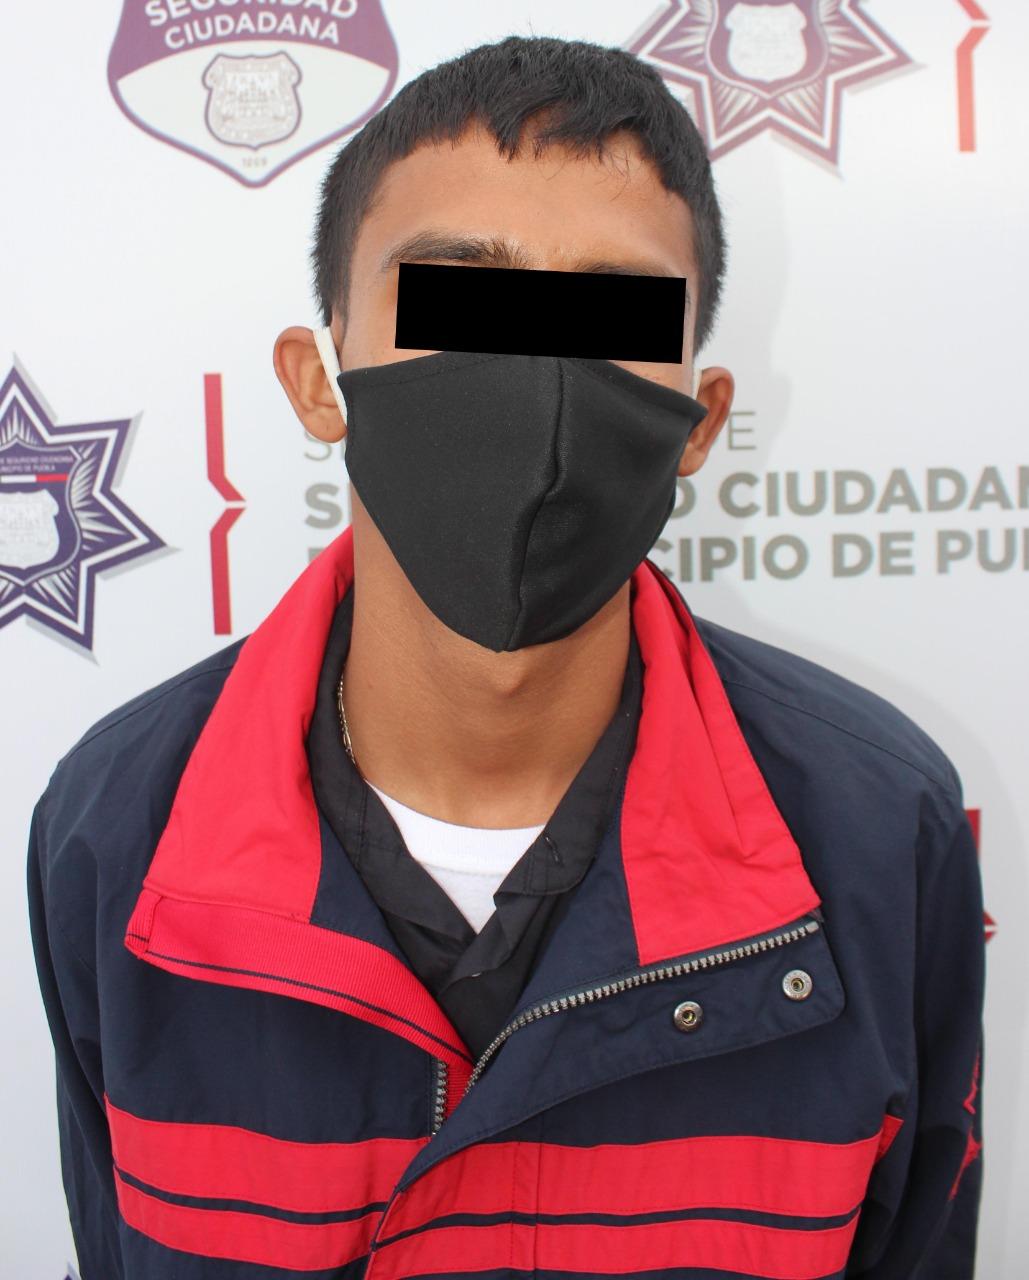 Foto: Cortesía|